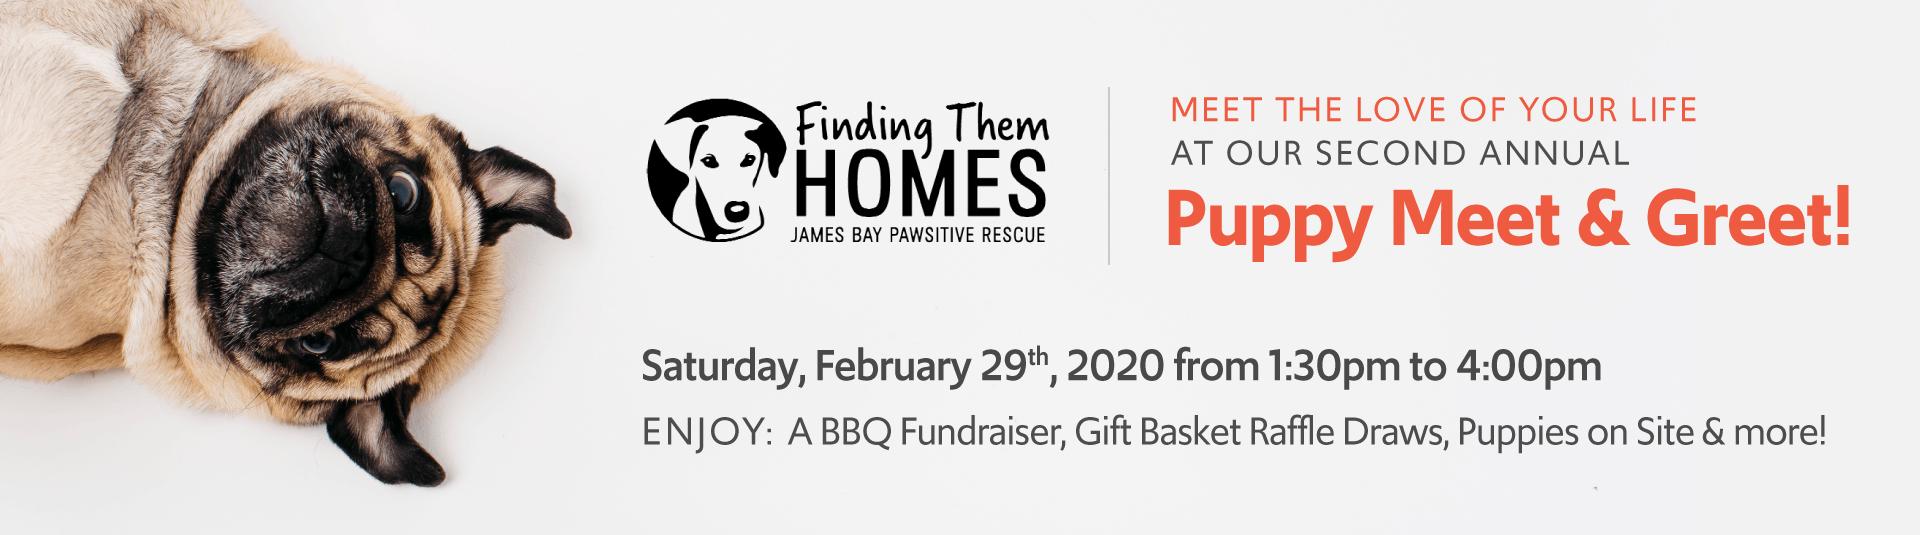 Pawsitive-Rescue-Annual-Puppy-Meet&Greet-Feb-2020